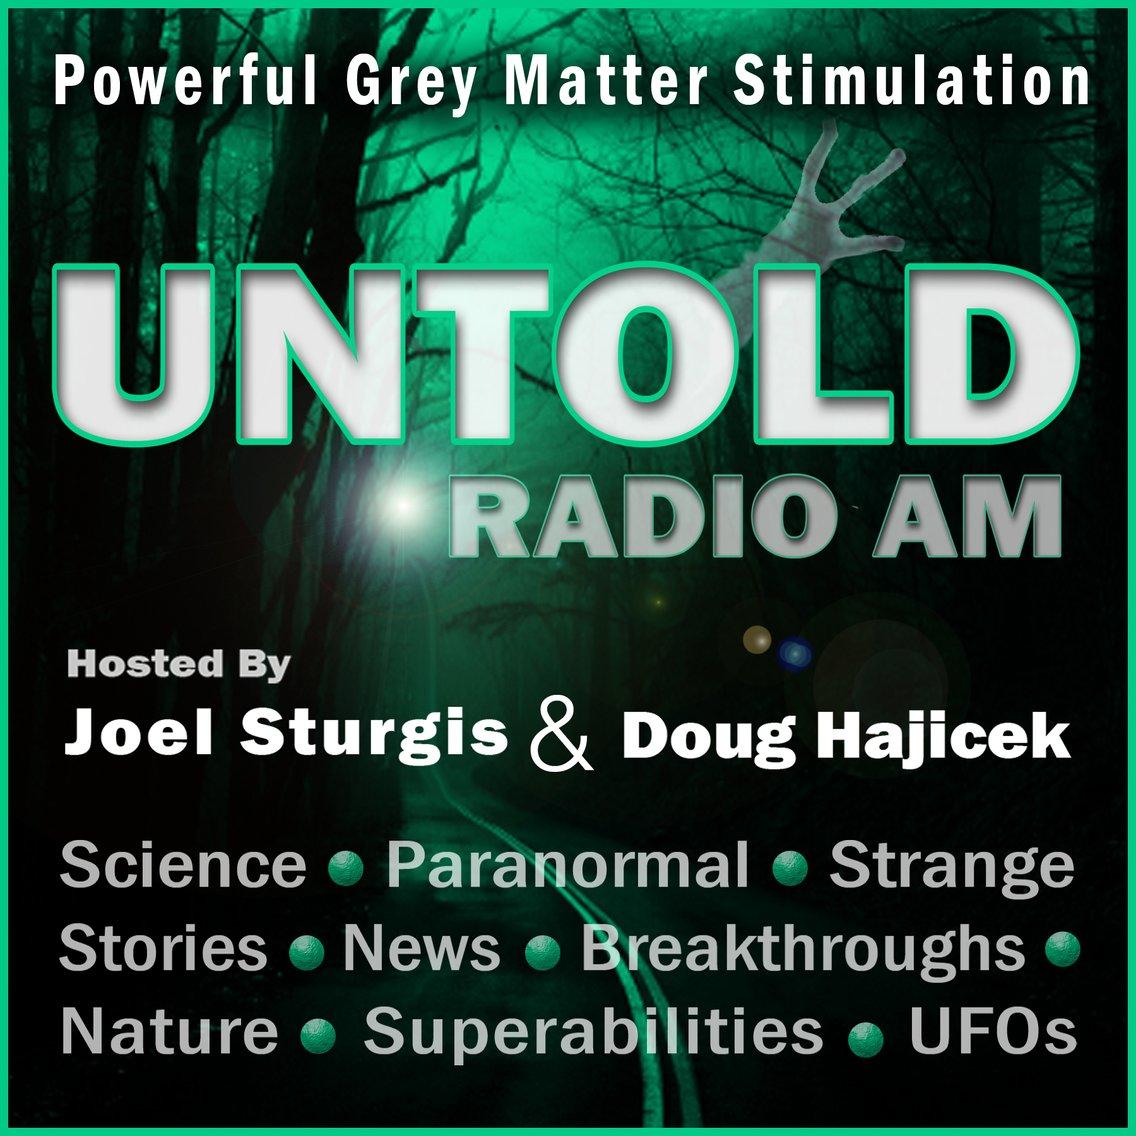 UNTOLD RADIO AM - Cover Image